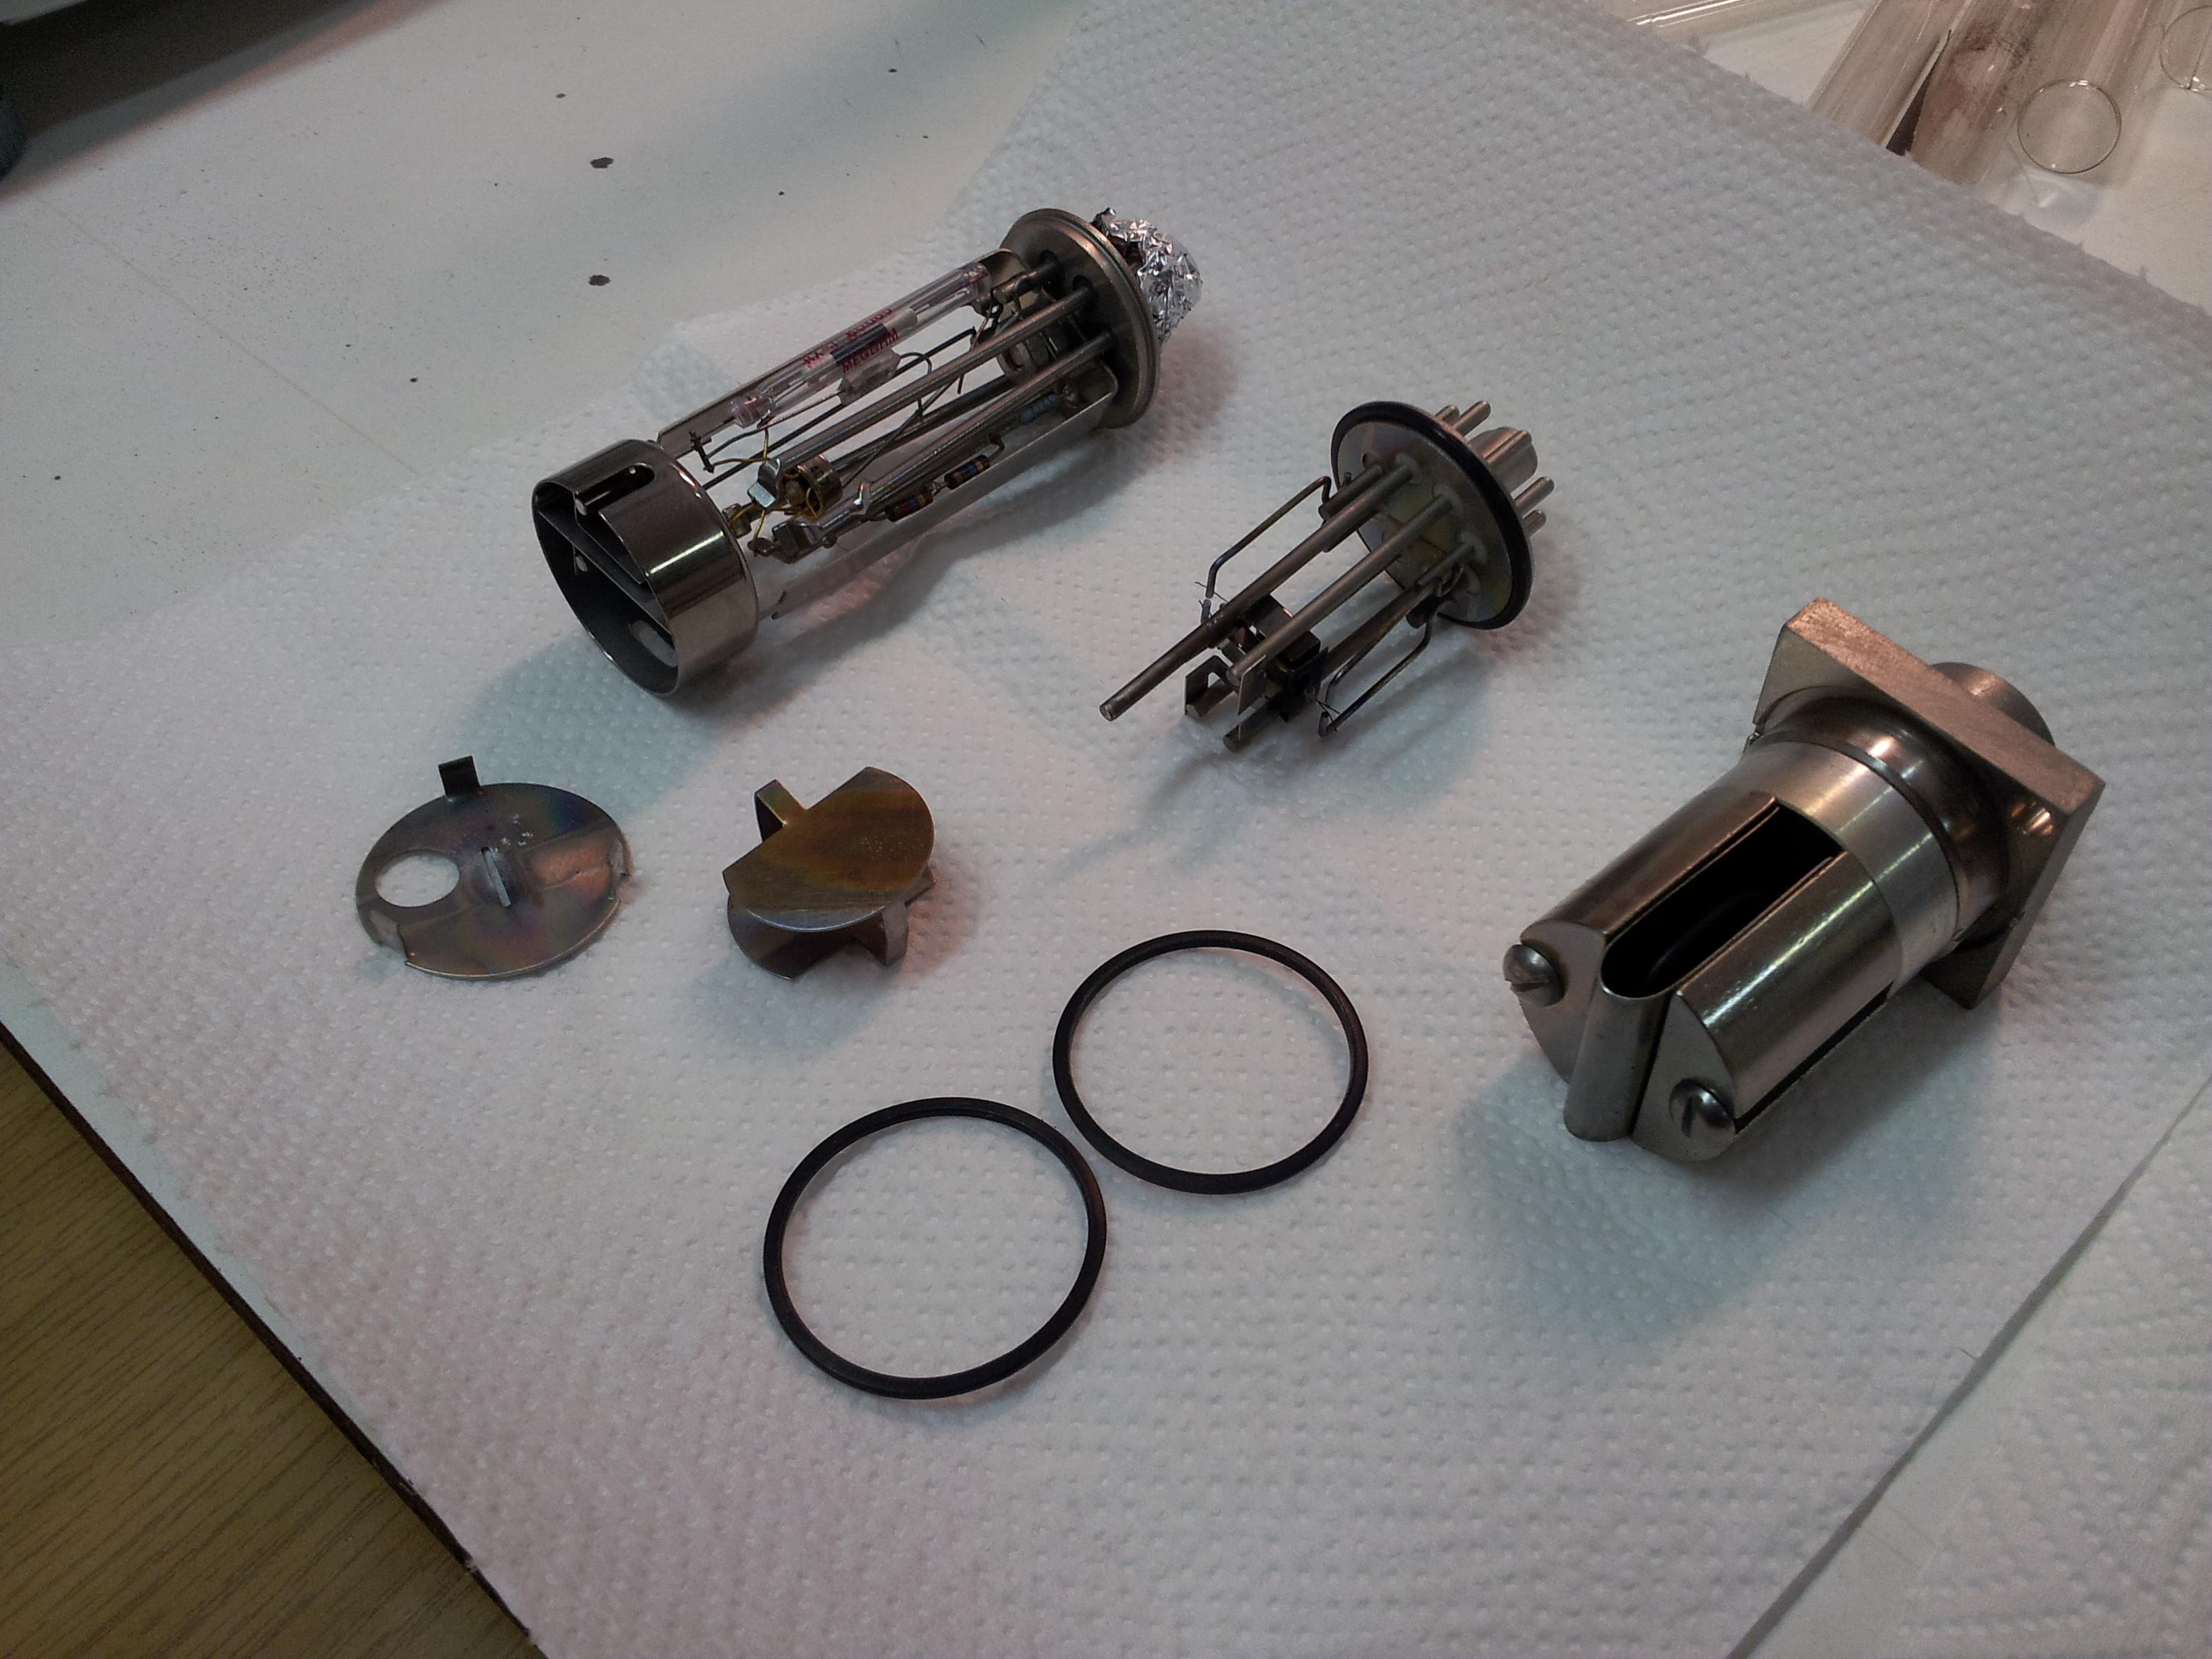 Veškeré komponenty spolu s mezilehlou baflí a zemnícím páskem vloženým na dno šachty iontového zdroje.)